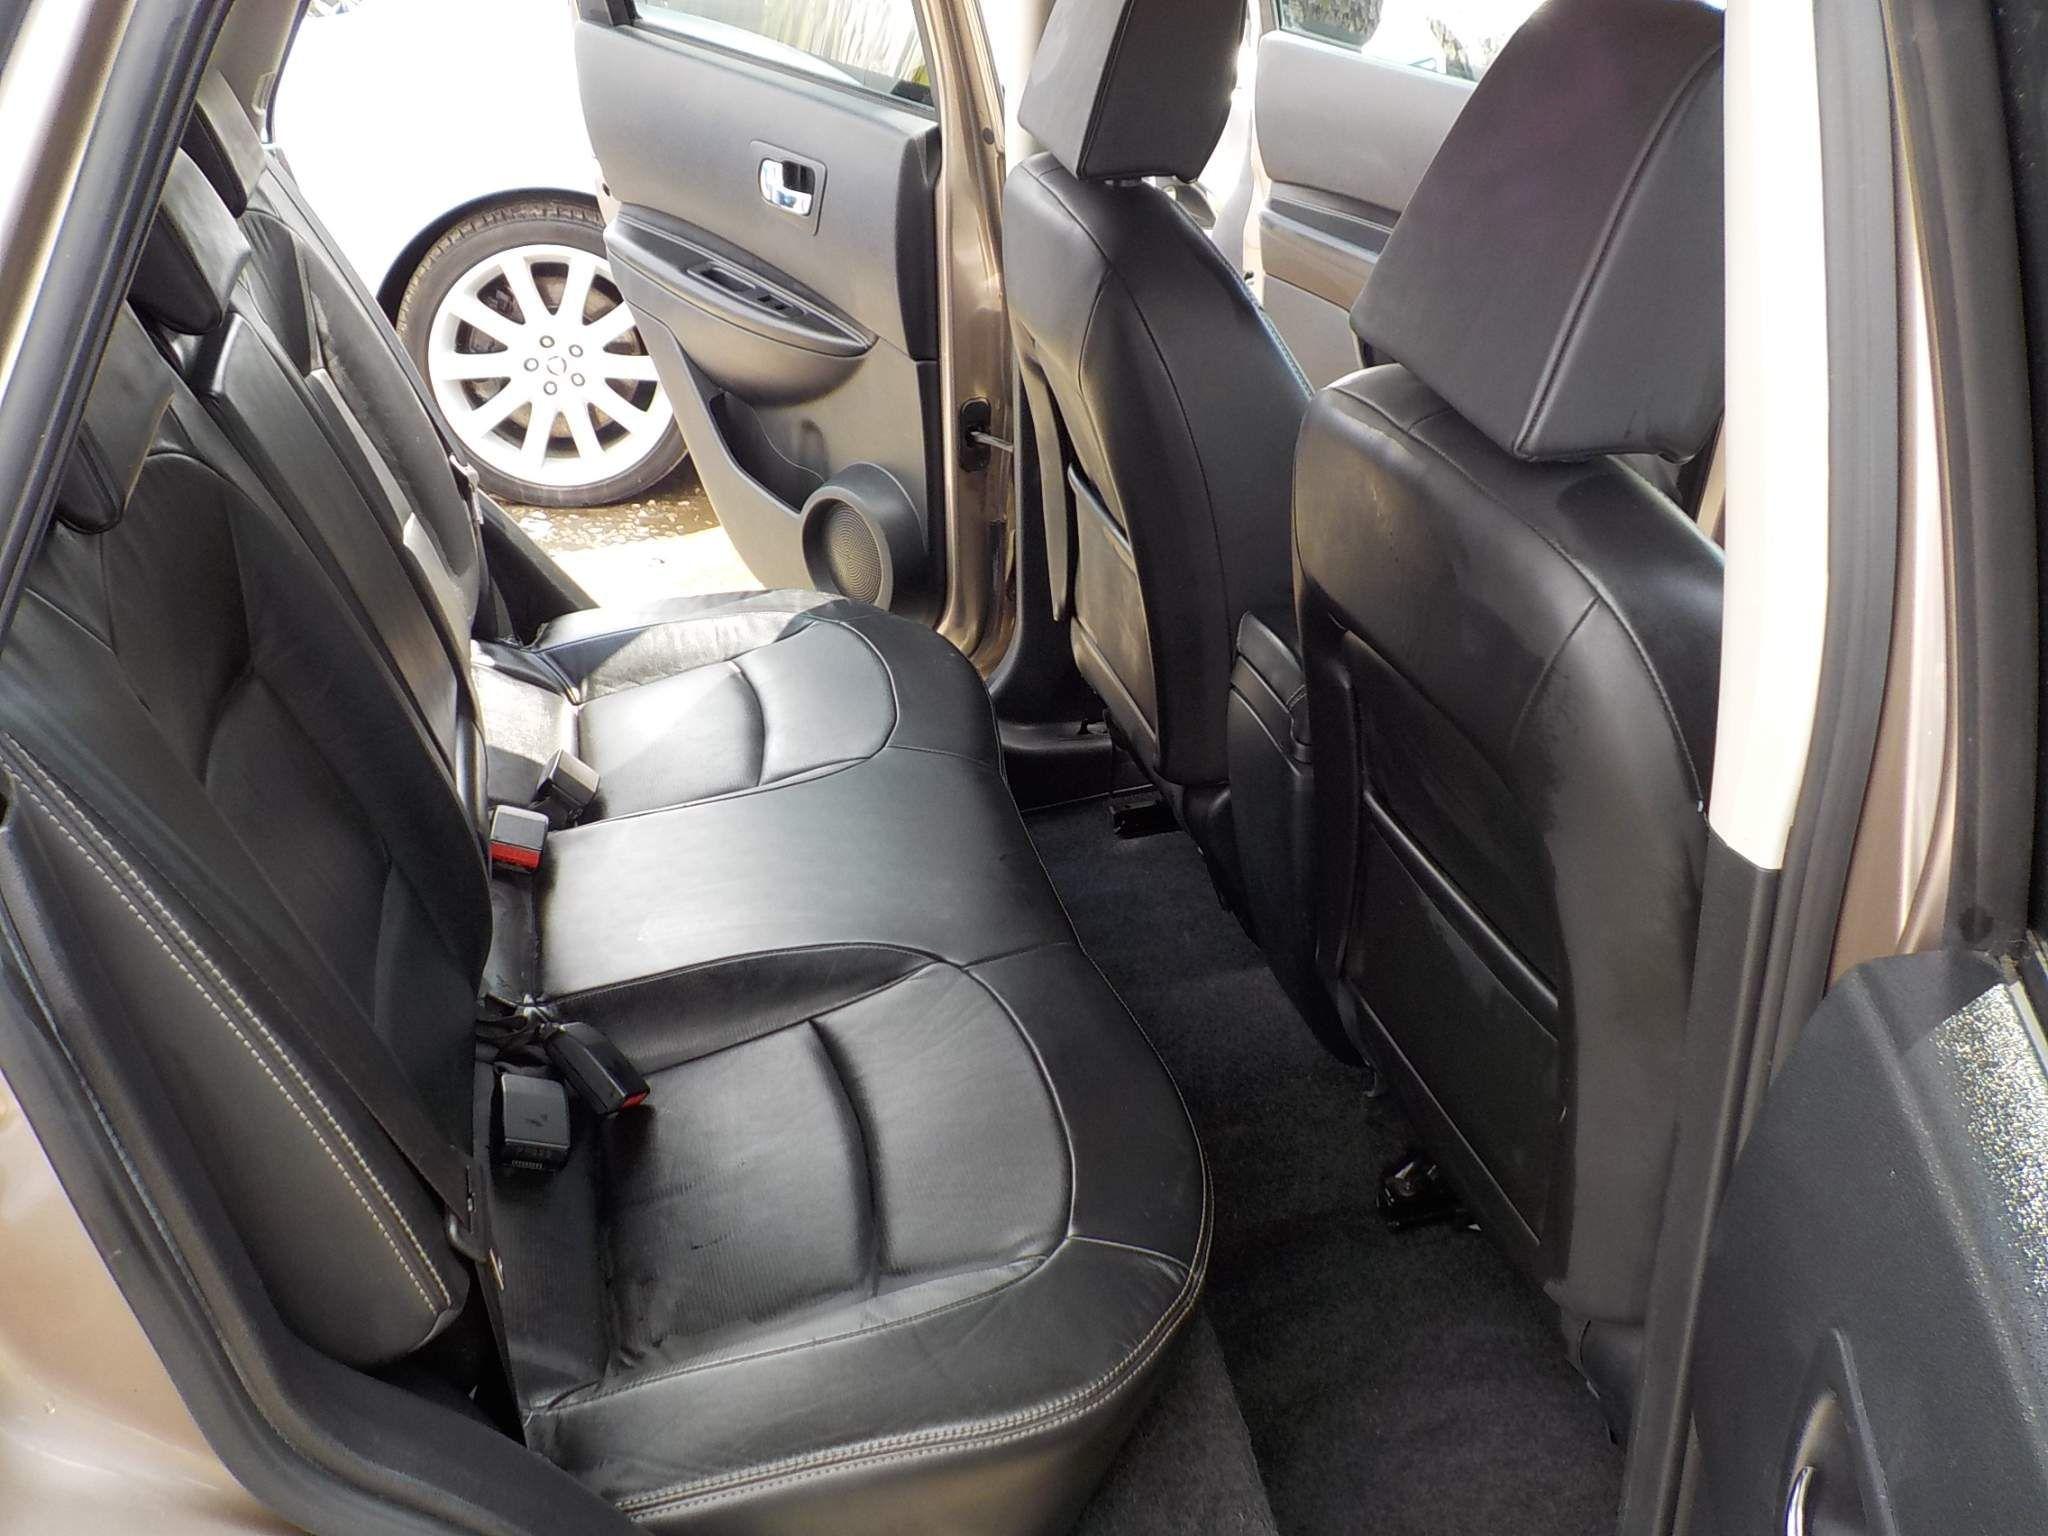 Nissan Qashqai 1.6 Tekna 2WD 5dr